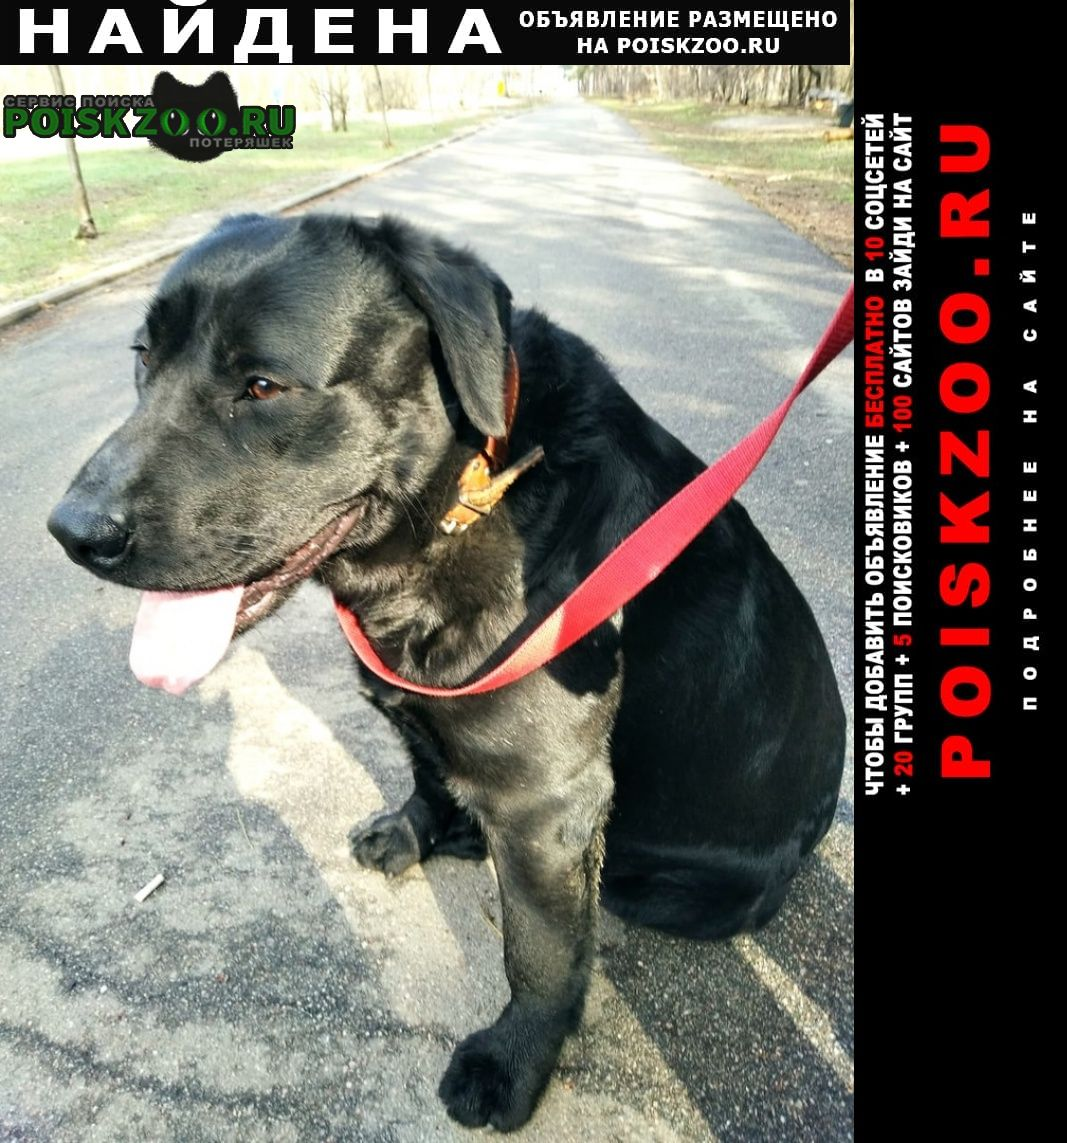 Найдена собака кобель лабрадор, окрас чёрный, мальчик. Воронеж